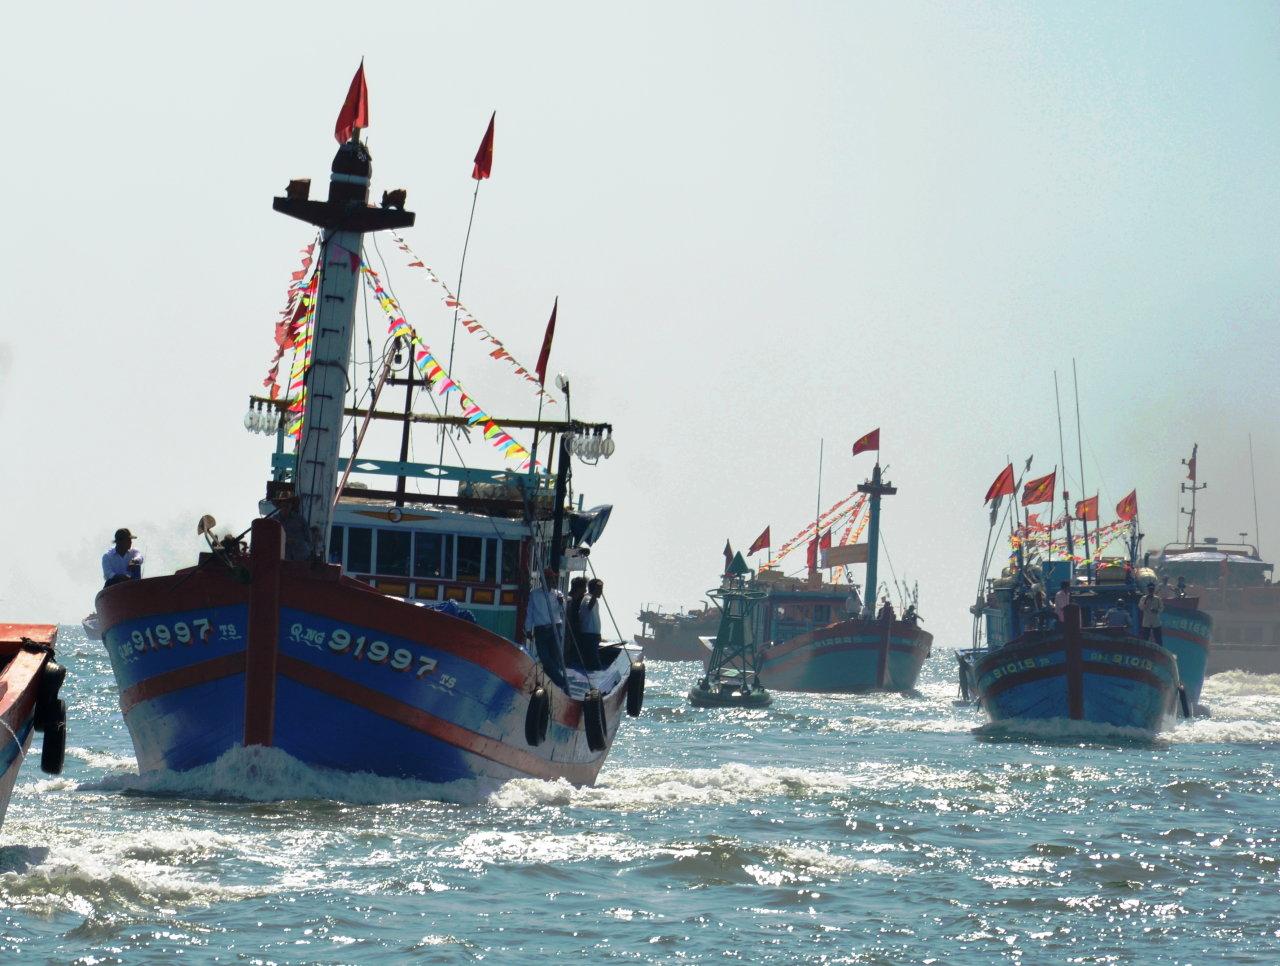 Tàu cá ngư dân Bình Châu, Lý Sơn ra khơi - Ảnh: TRẦN MAI